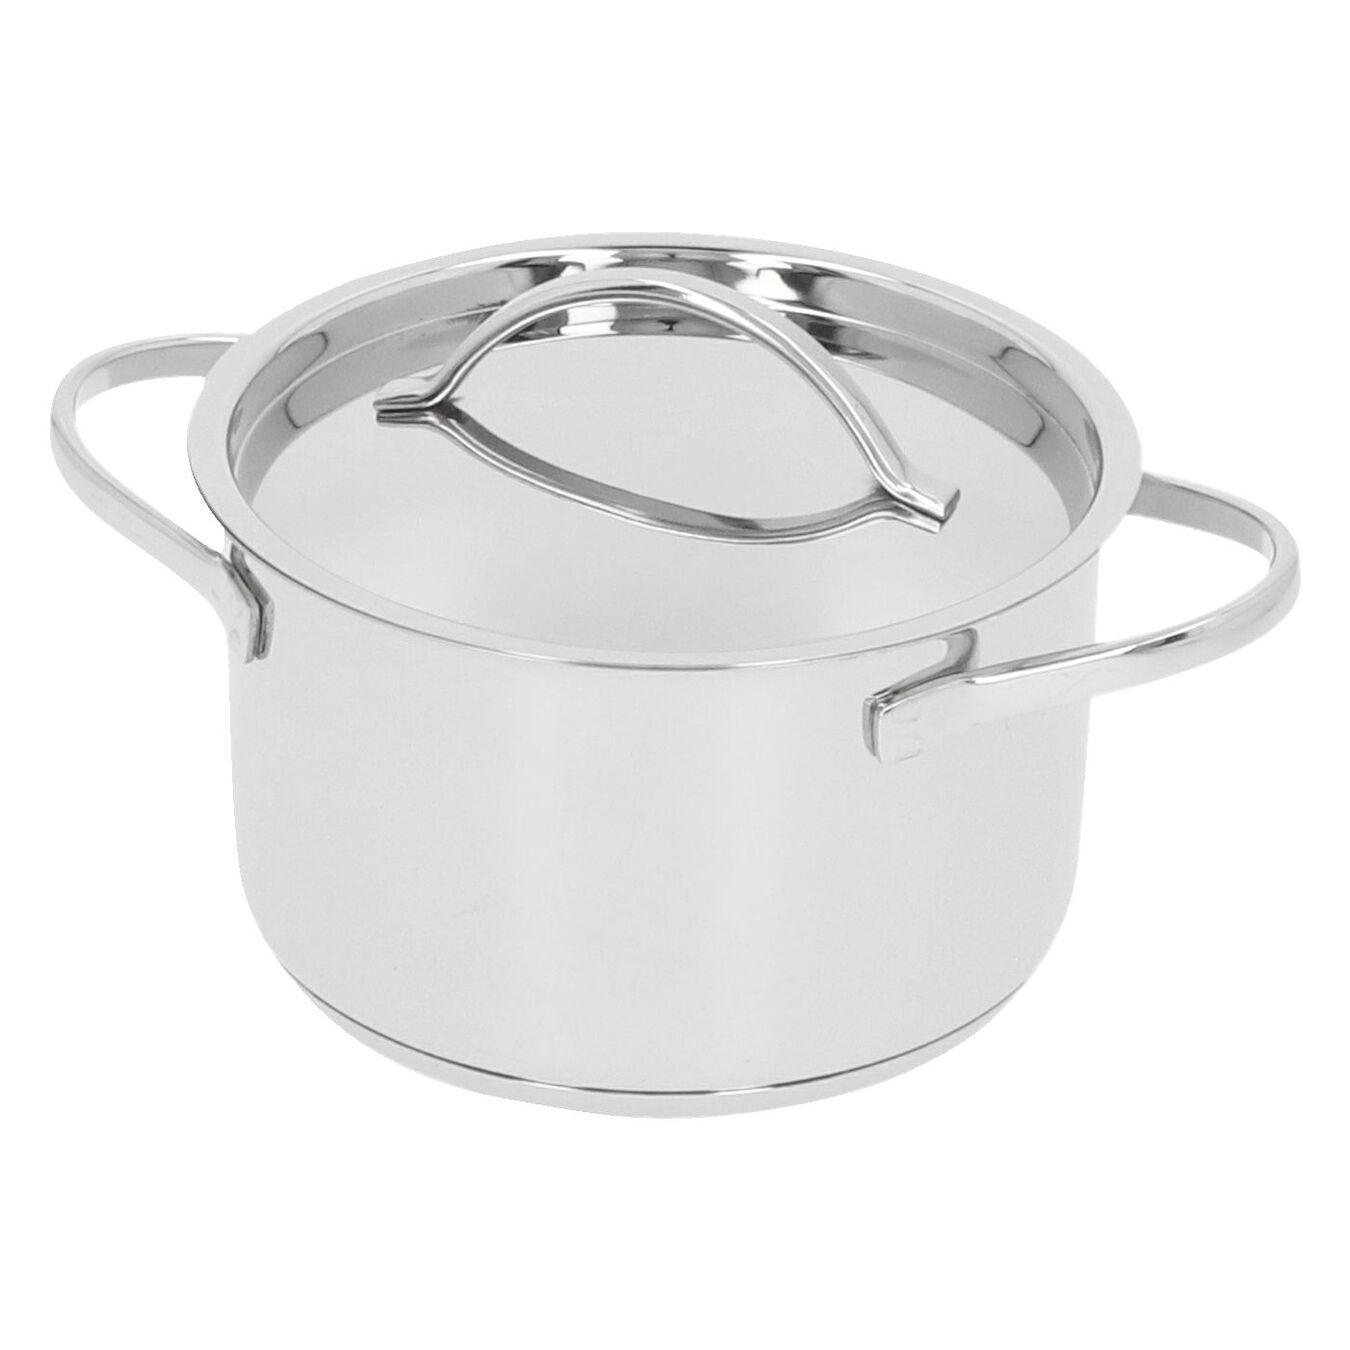 Set de casseroles, 4-pces,,large 20